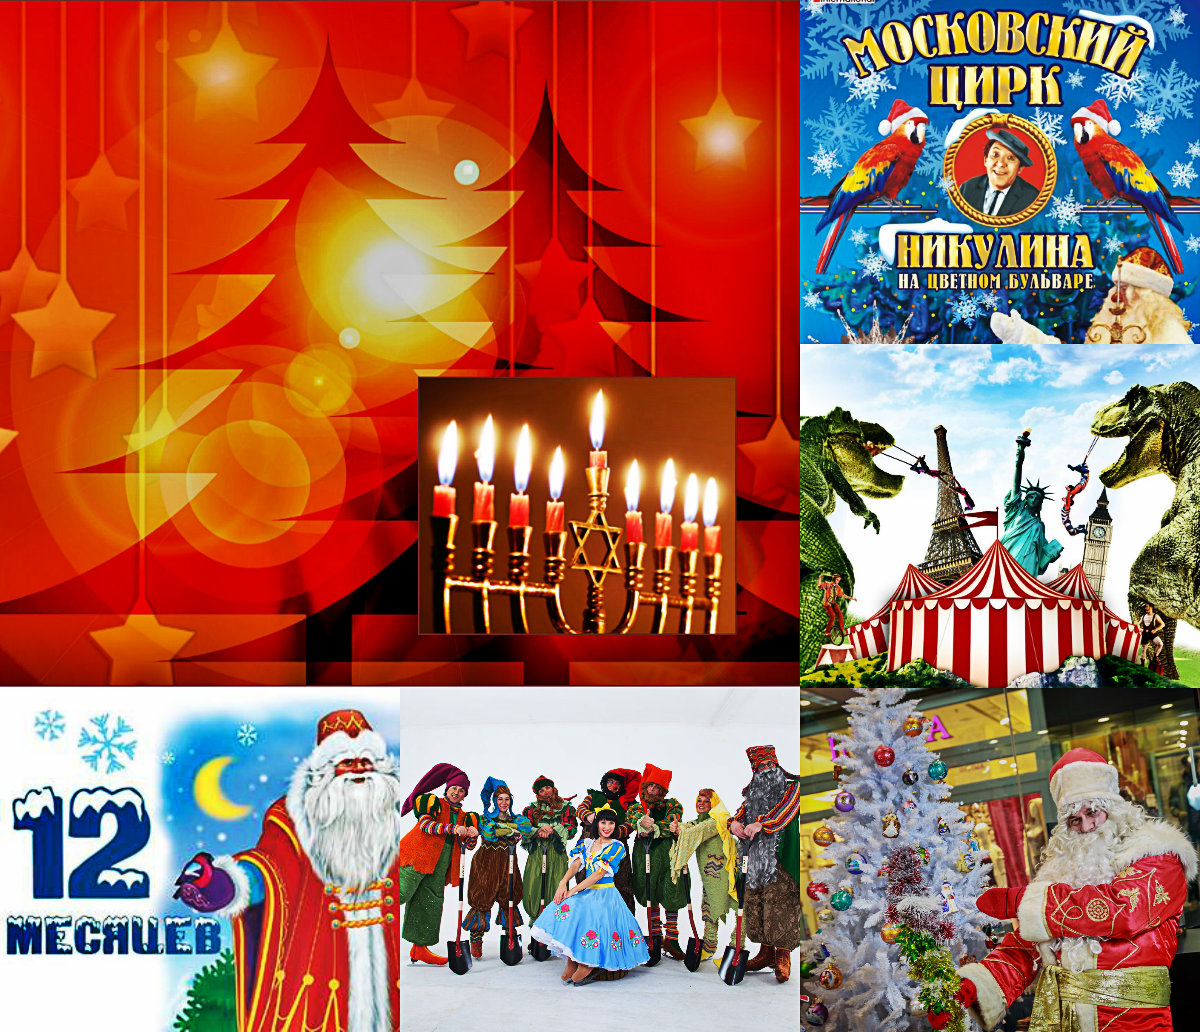 Новый Год и Ханука для детей